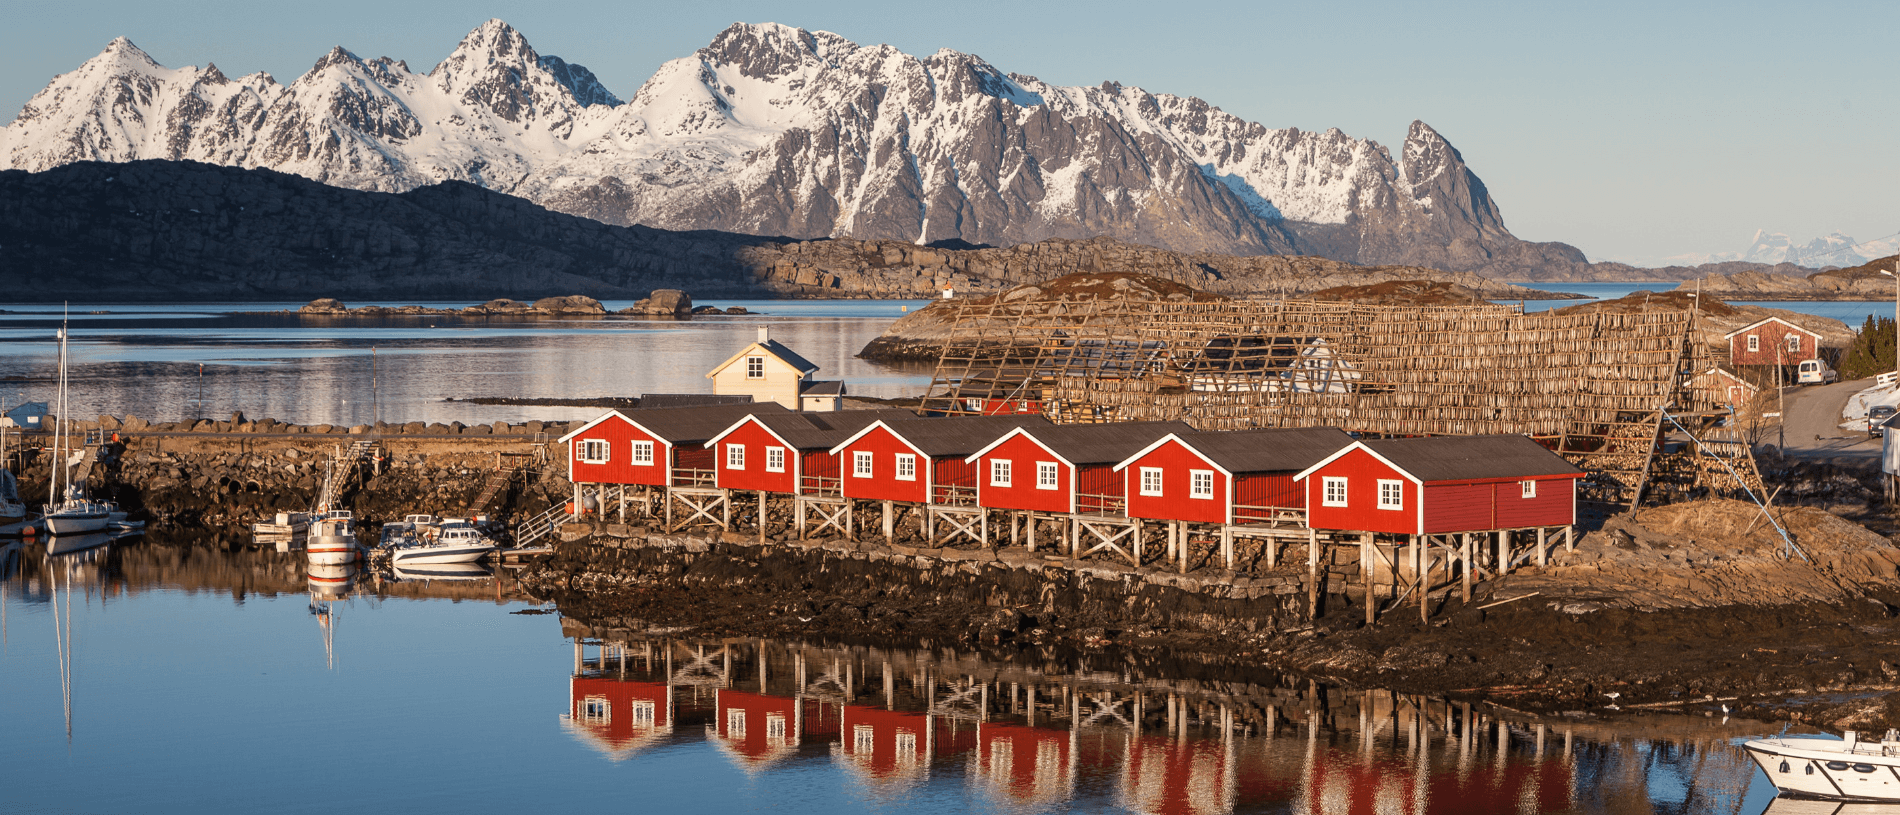 Unieke Cruise Hurtigruten Noorse Fjorden richting de Noordkaap